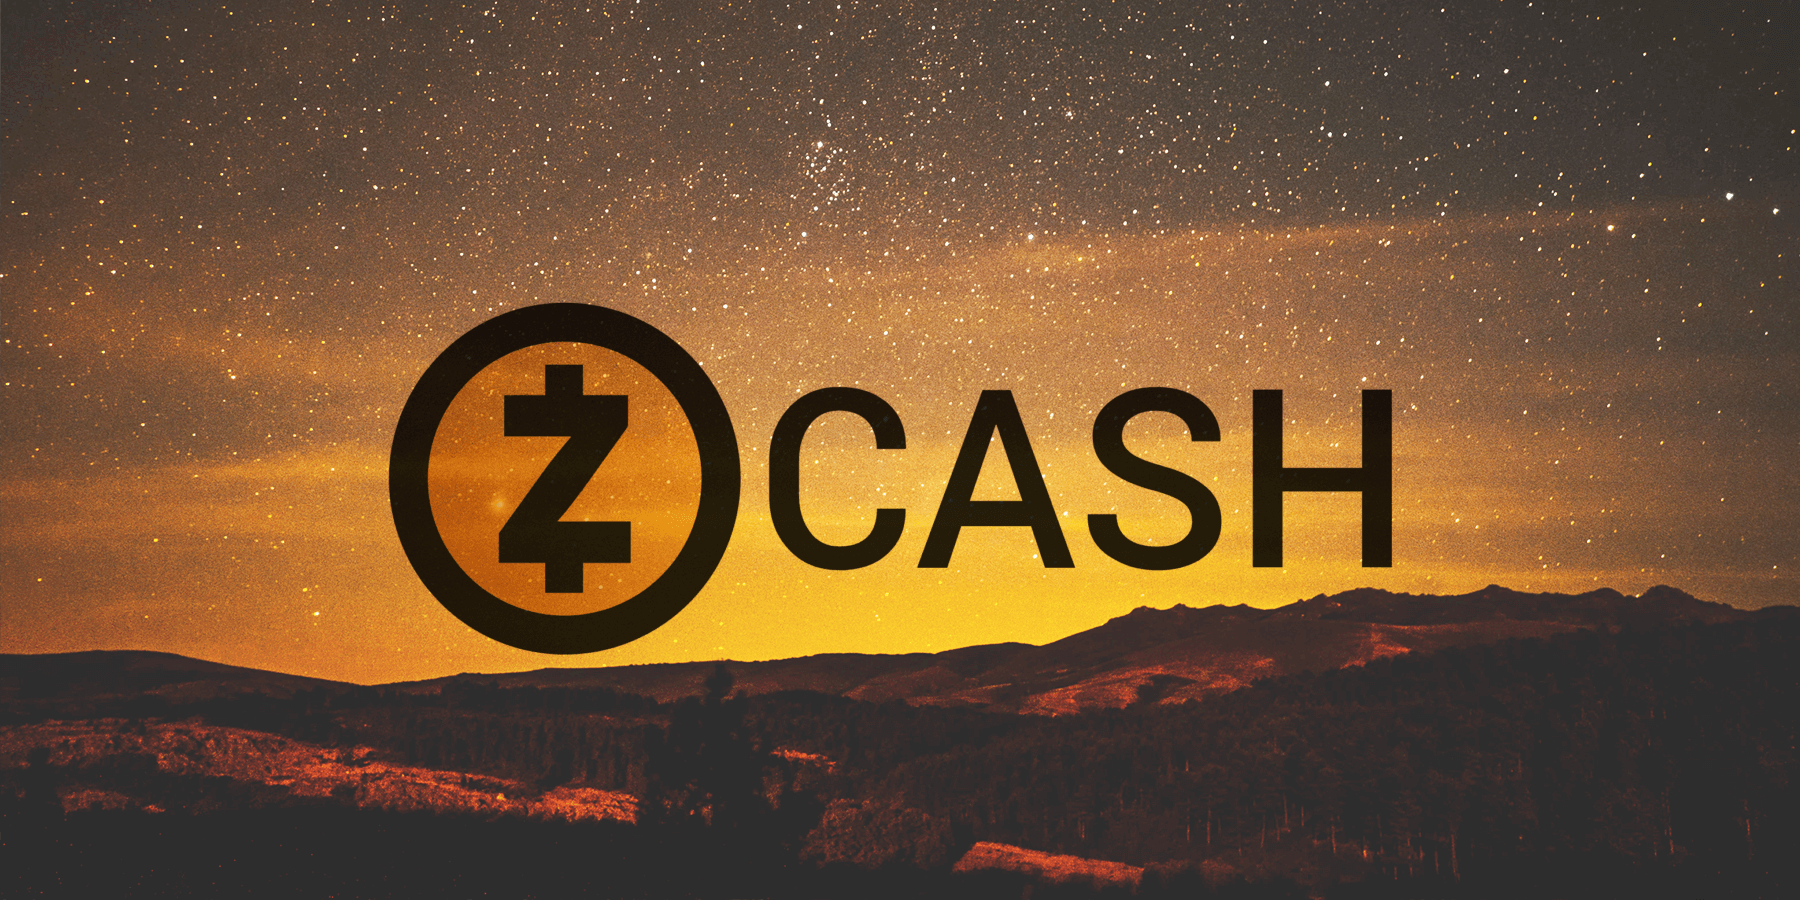 Zcash será reconstruída do zero, pois foi uma falha desde o começo